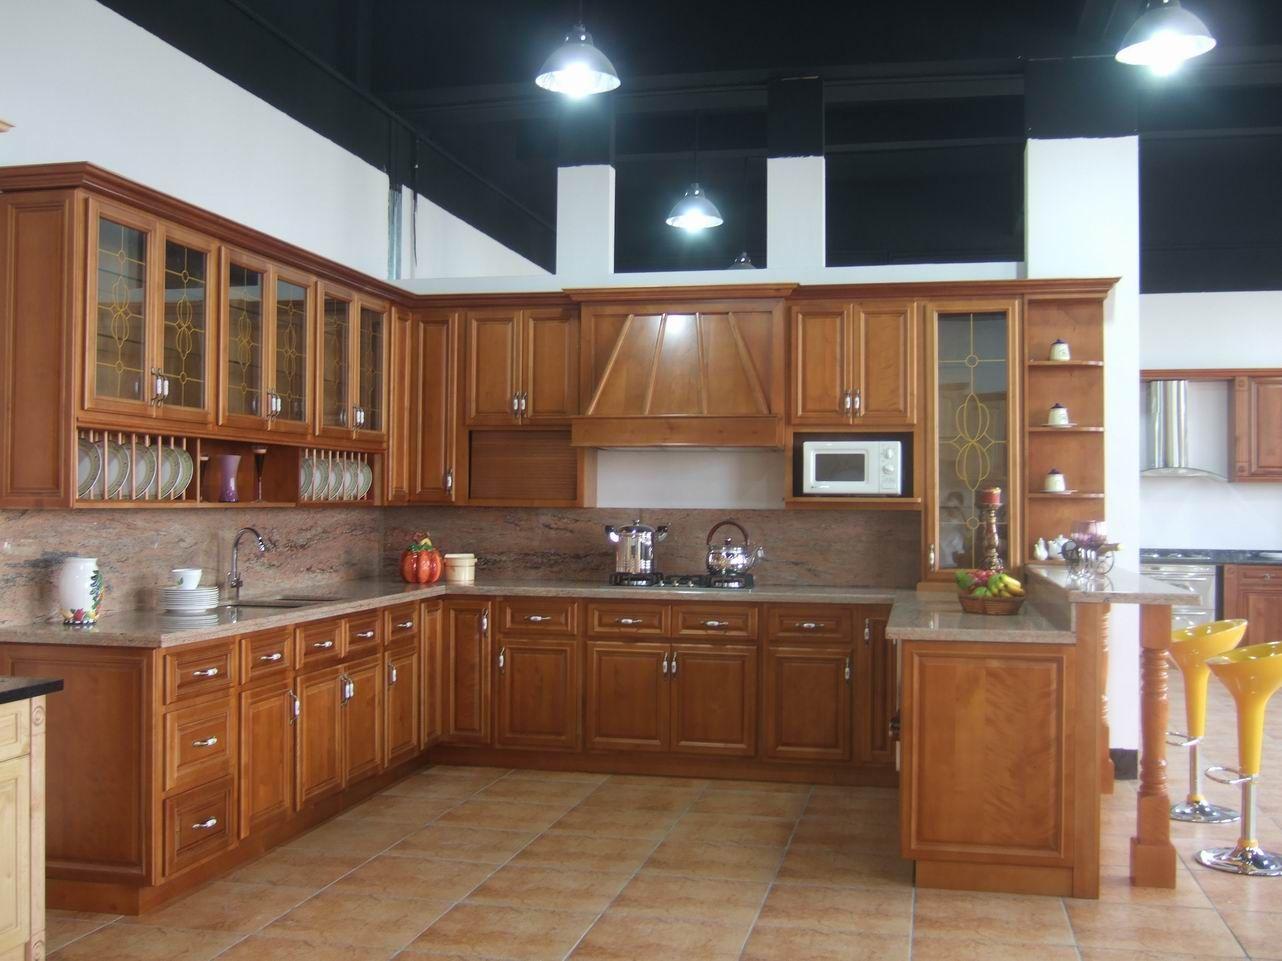 muebles de cocina en madera por metro lineal cartago